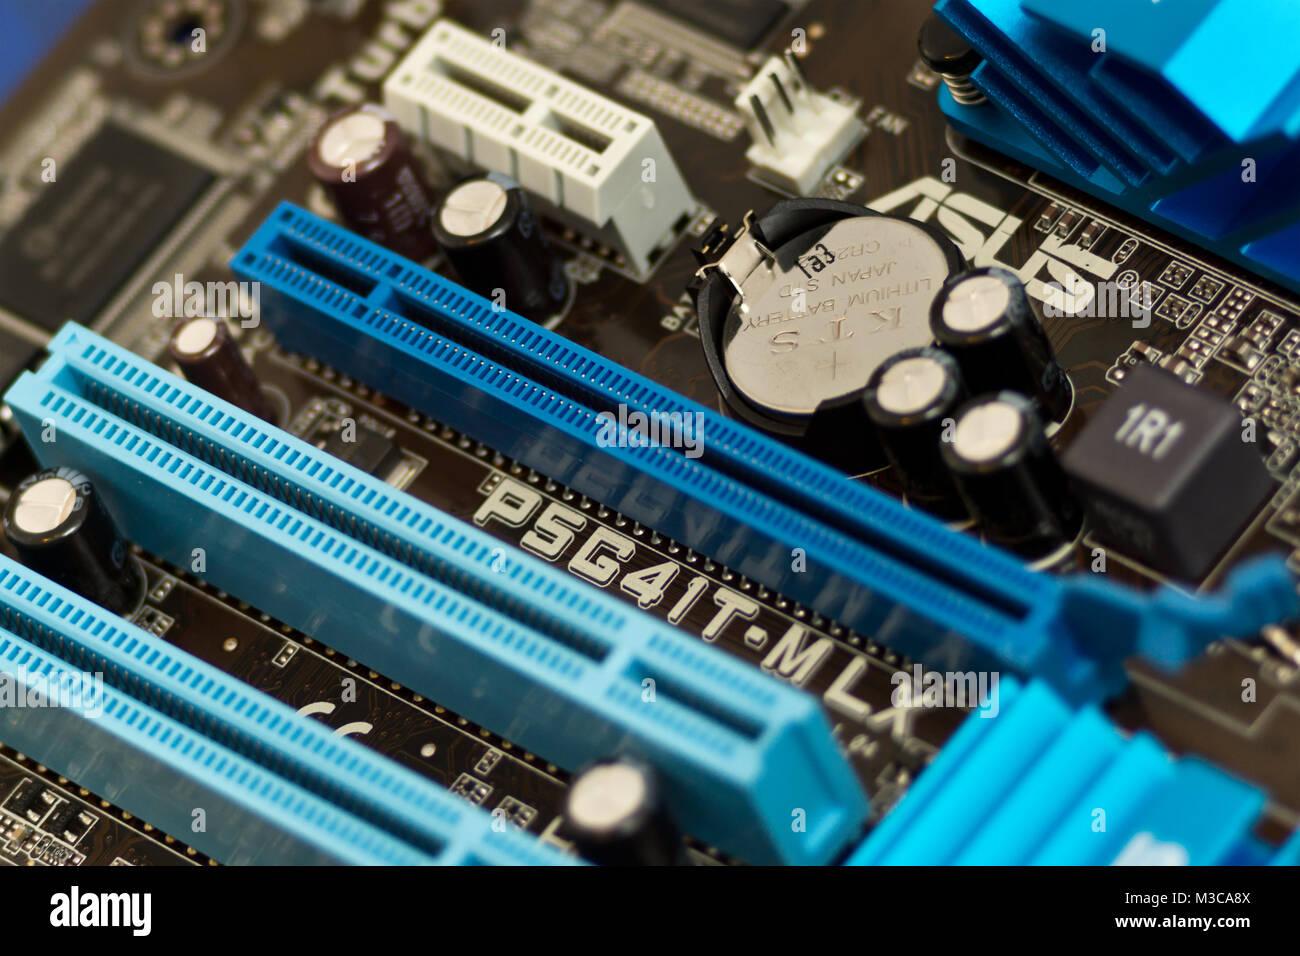 PCI und PCI-Express-Karten Steckplätze auf einen LGA775 Mainboard Stock Photo